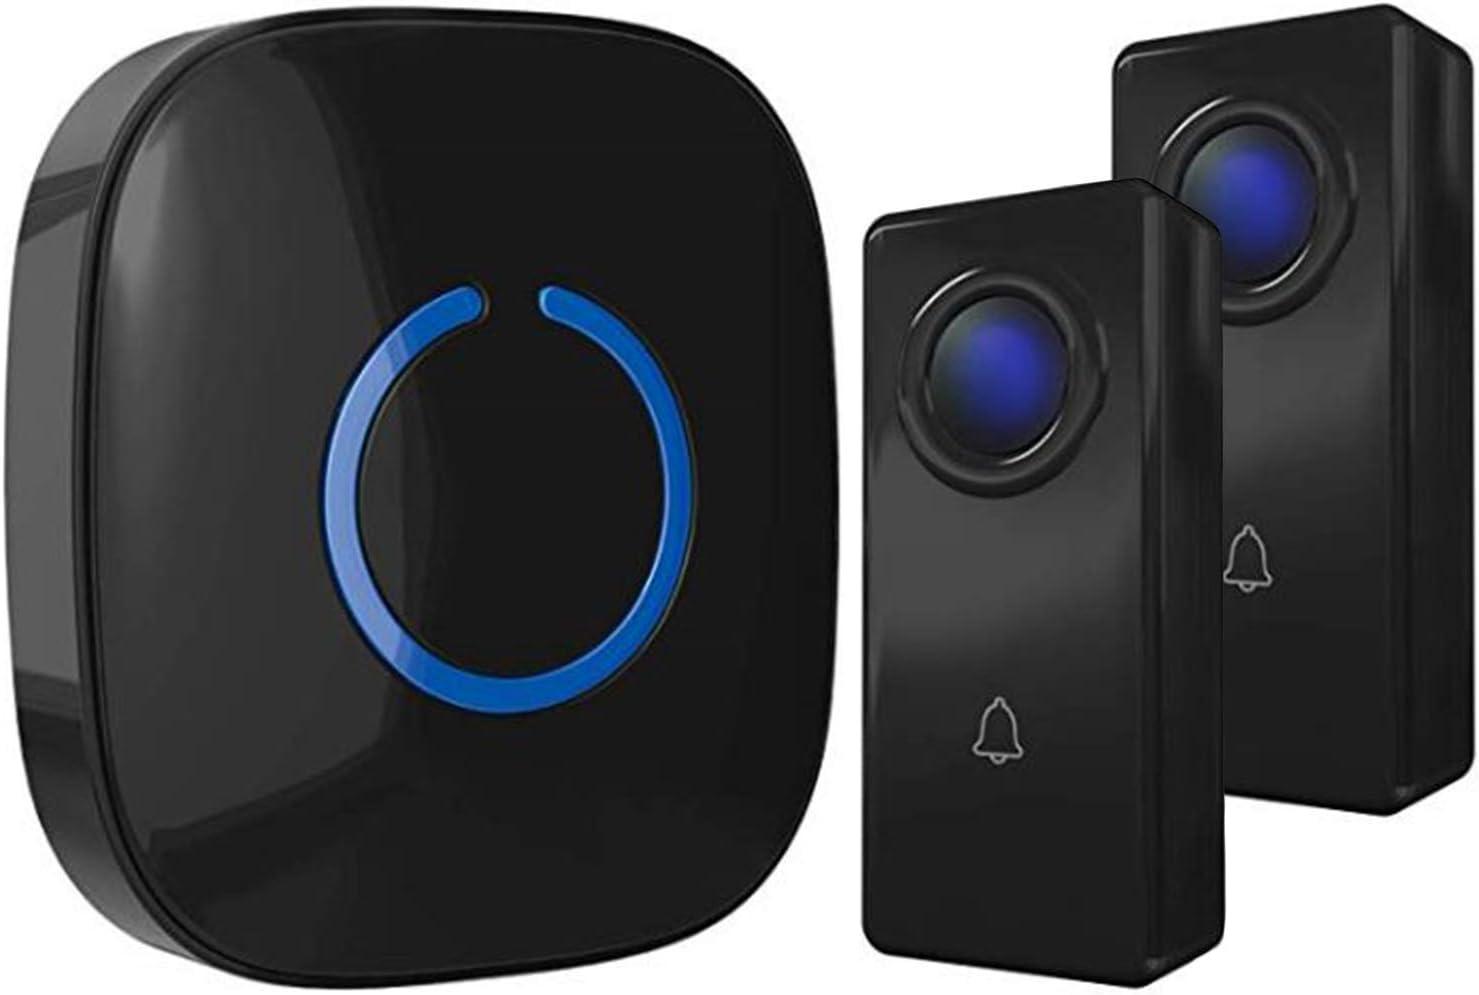 Wireless Doorbell by SadoTech – Waterproof Door Bells & Chimes Wireless Kit, 1000-ft Range,52 Door Bell Chimes, 4 Volume Levels with LED, Wireless Doorbells w/ 1 Receiver & 2 Button, Crosspoint, Black